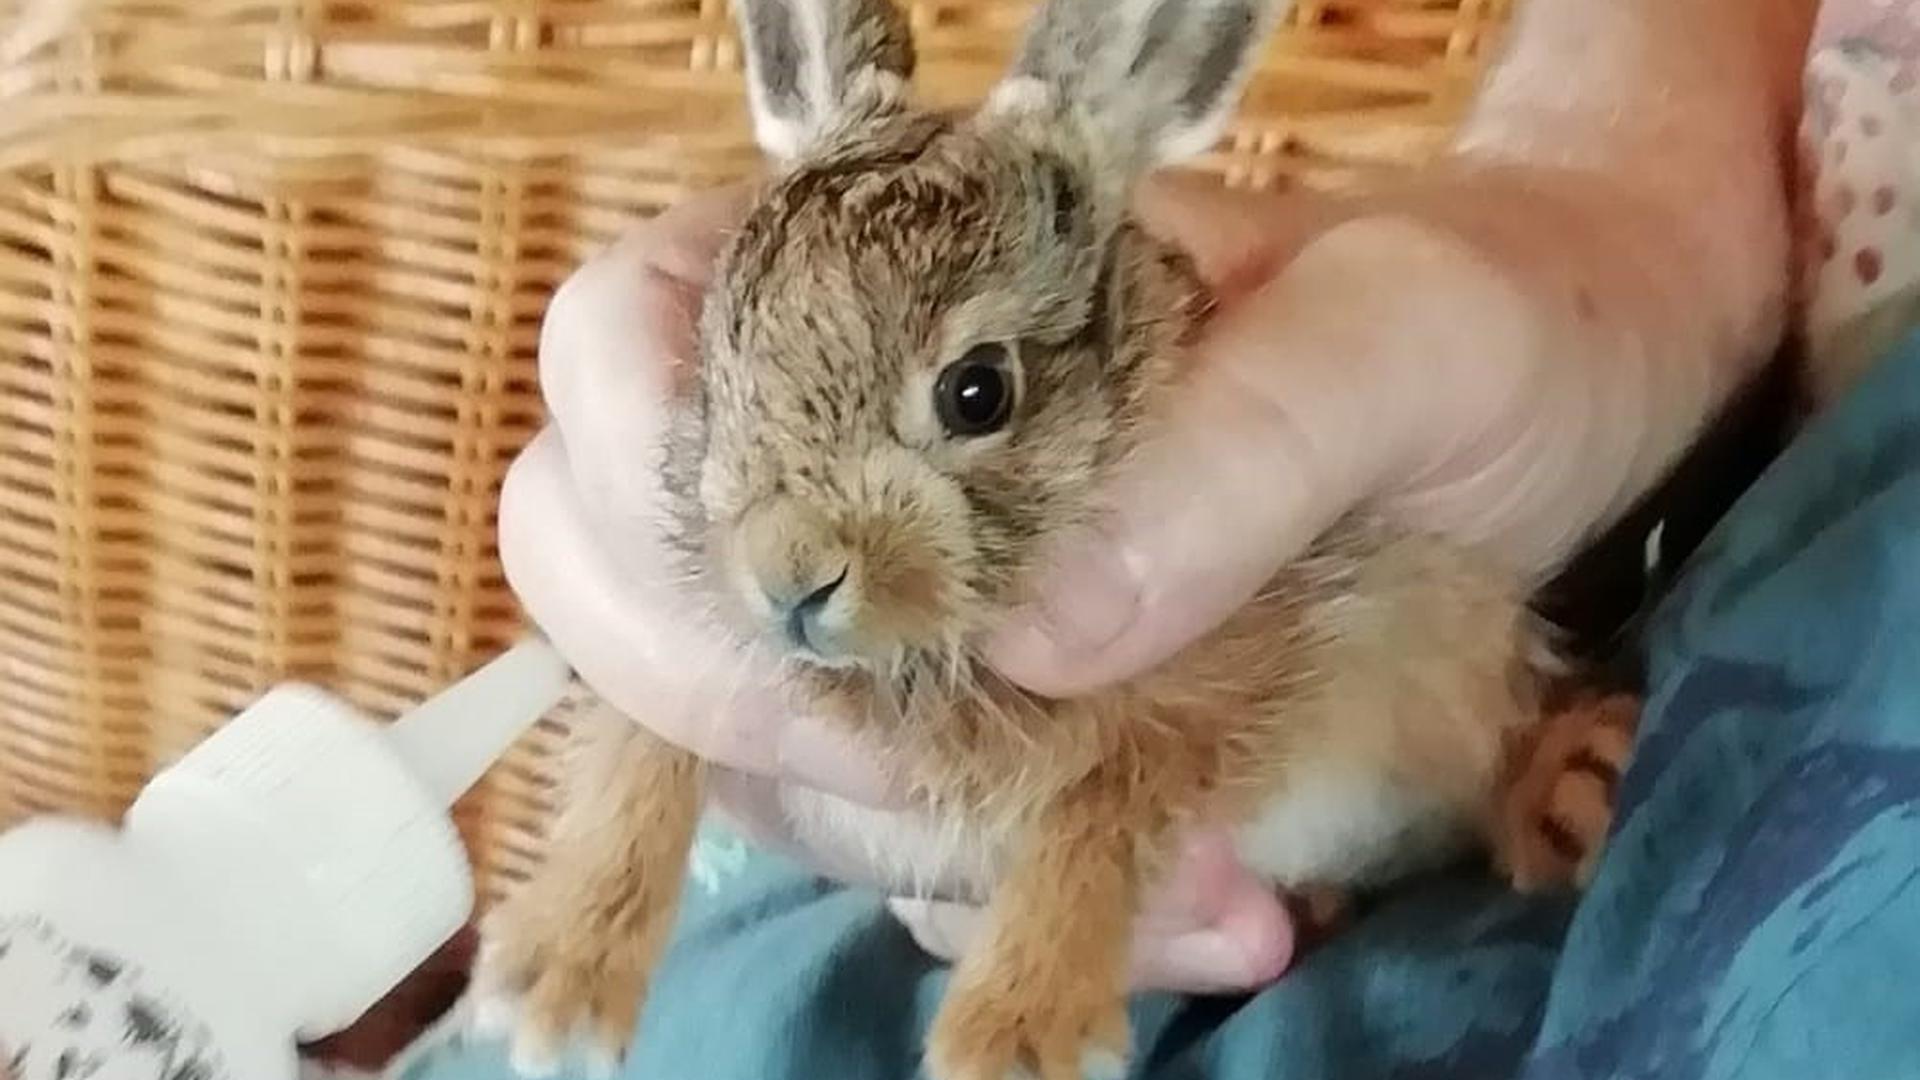 Ein kleines Feldhasenbaby wird in einer Hand gehalten.